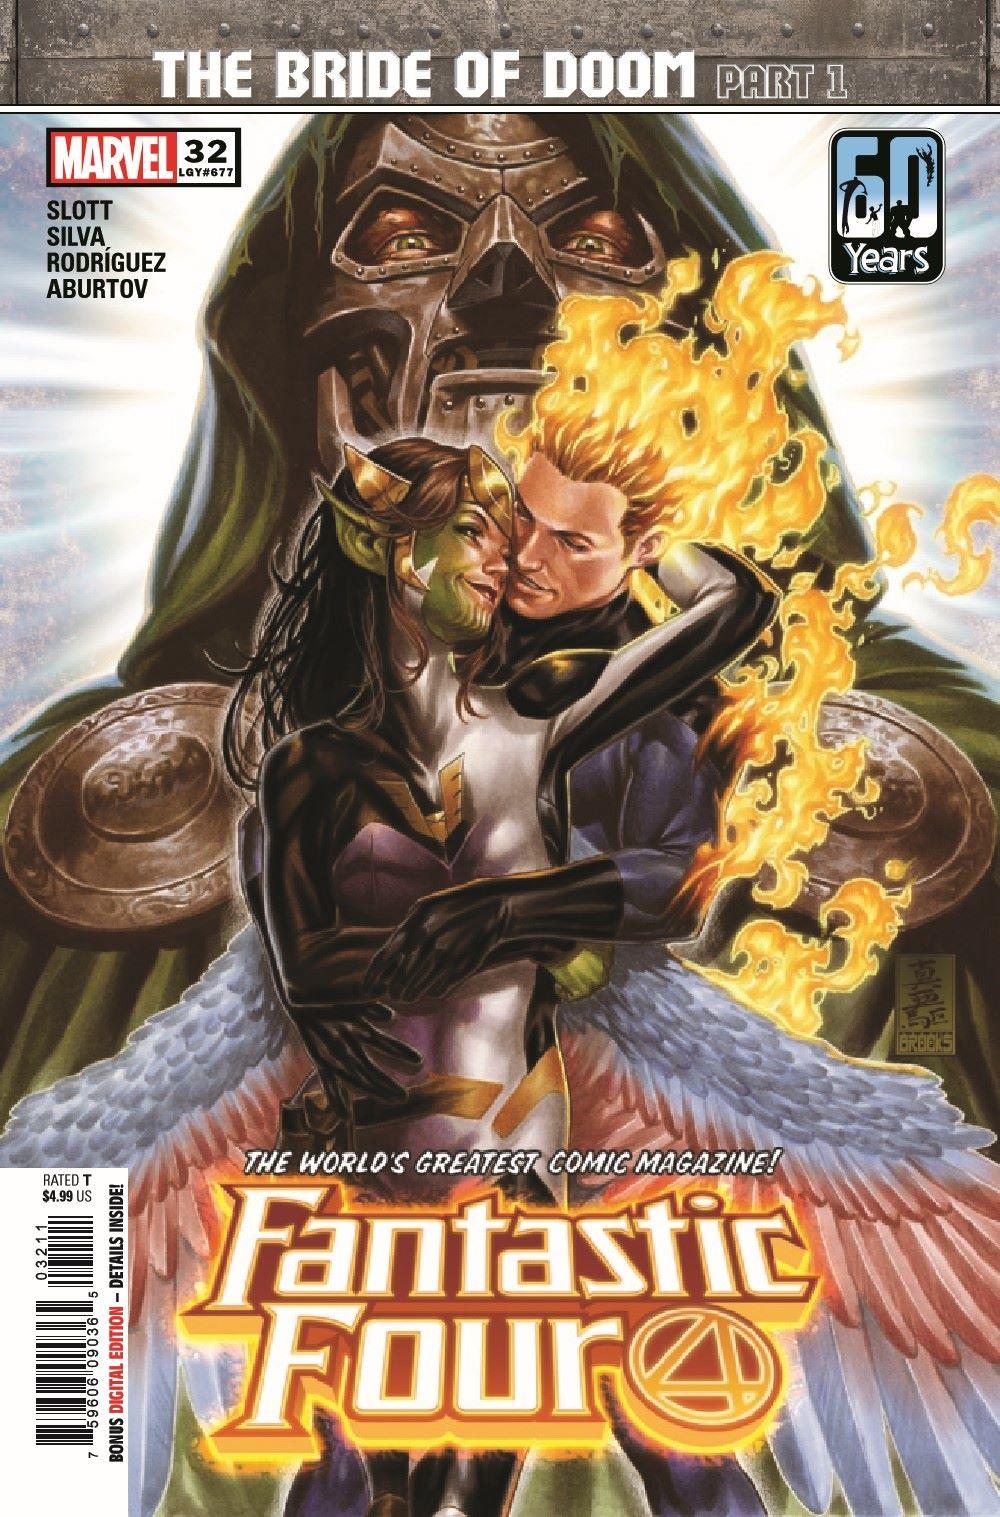 FF2018032_Preview-1 ComicList Previews: FANTASTIC FOUR #32